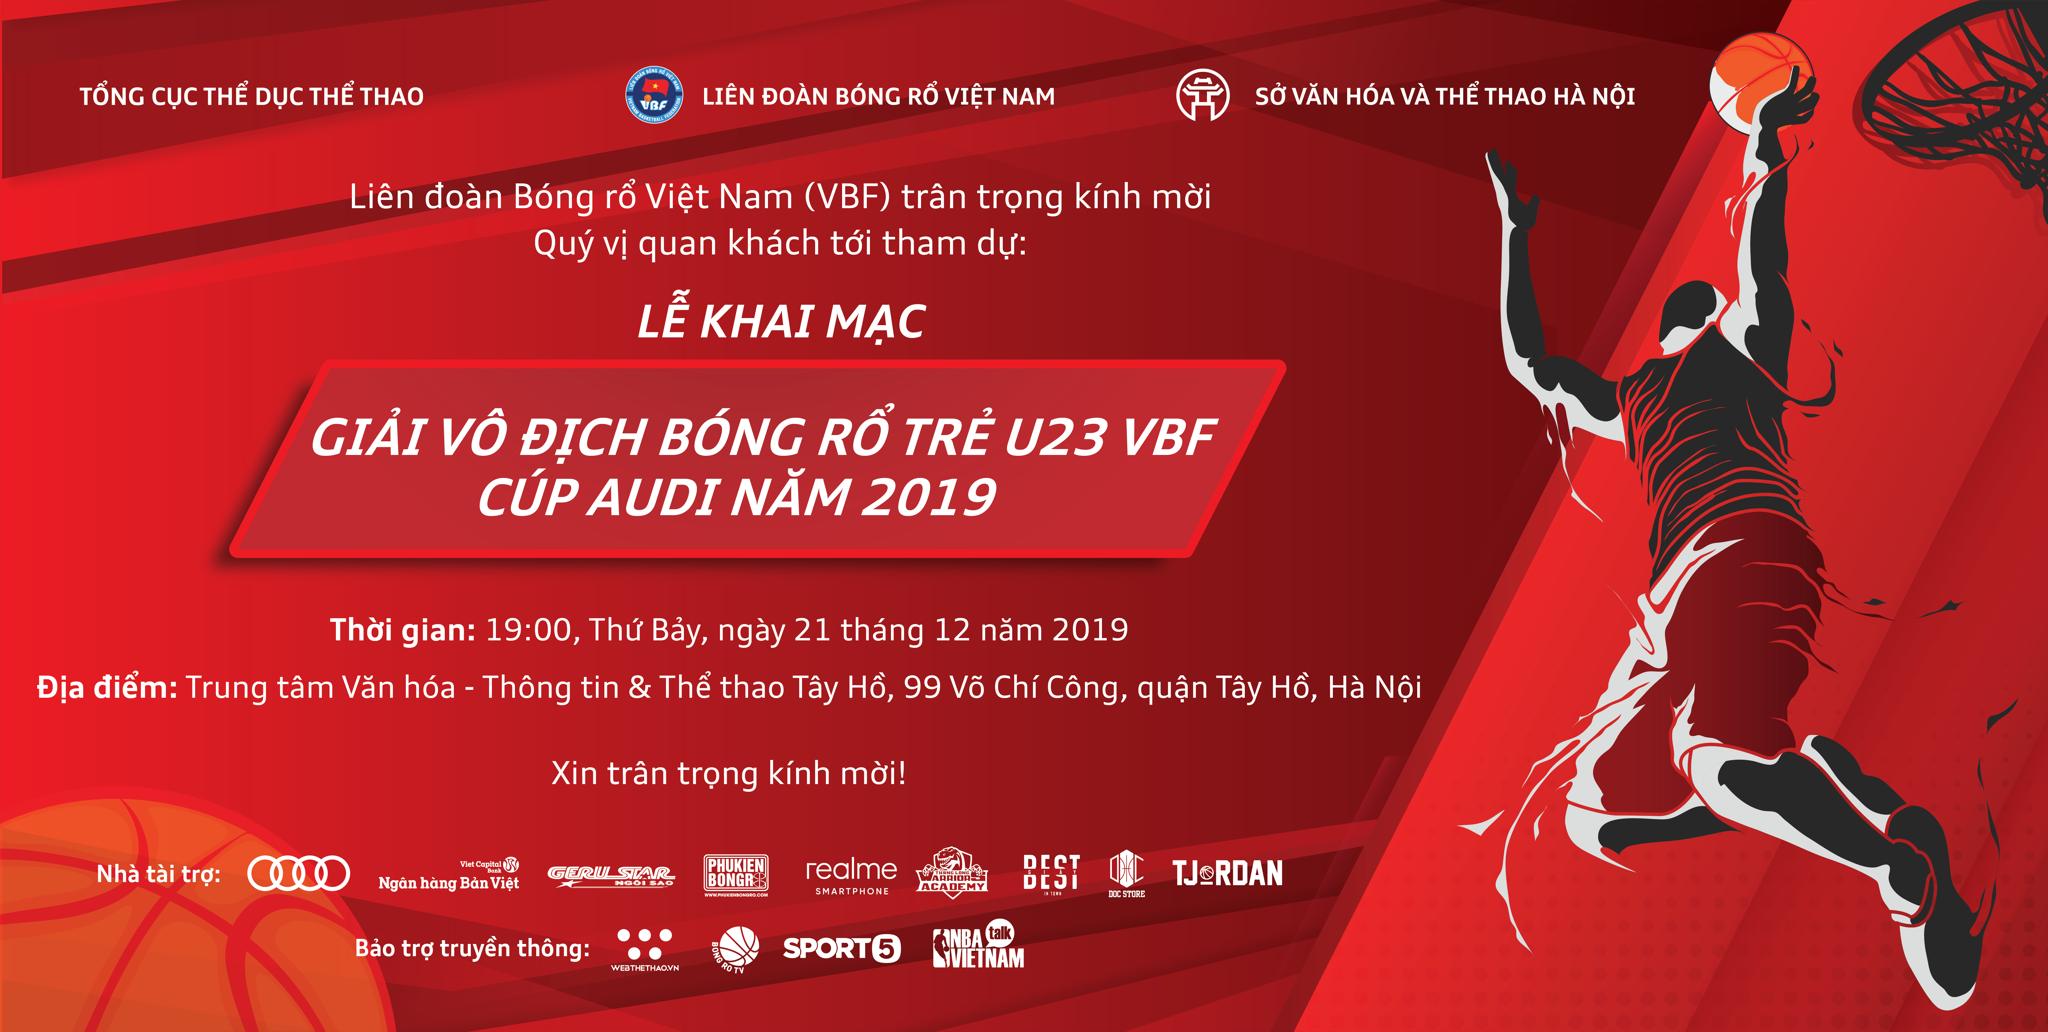 PHUKIENBONGRO.COM Đồng Hành Cùng Giải Vô địch bóng rổ trẻ U23 VBF - Cúp Audi năm 2019